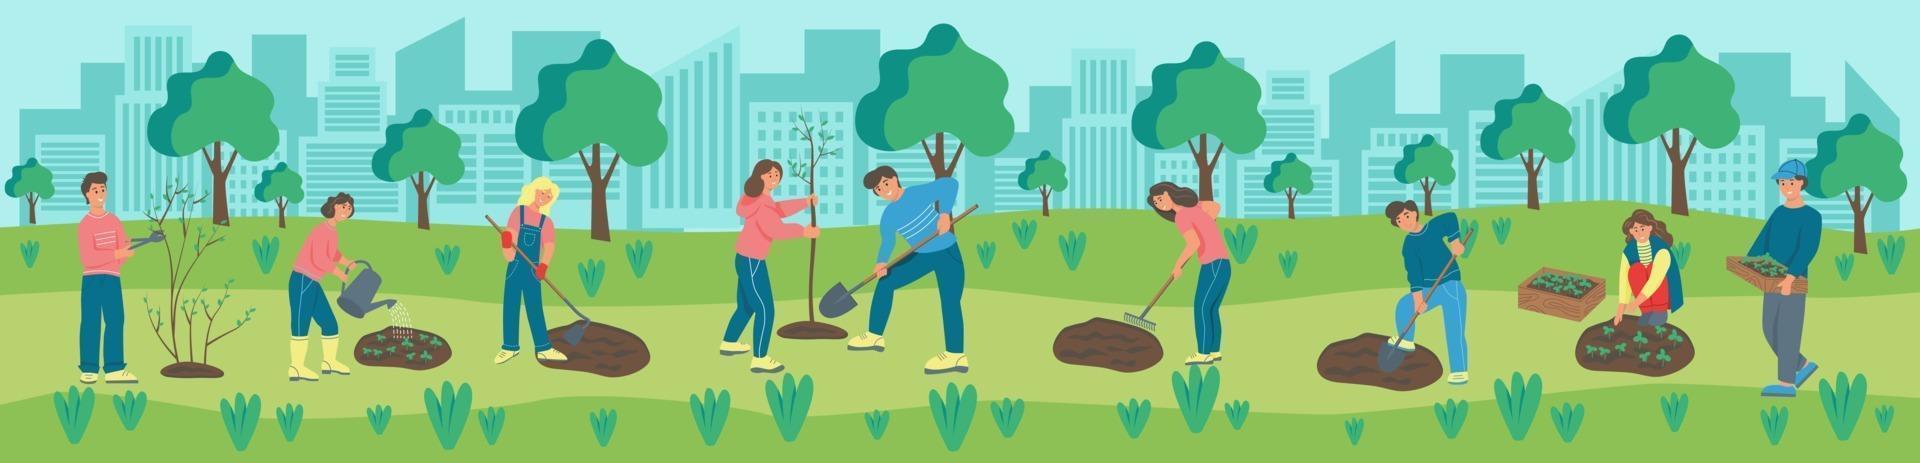 banner mensen zijn bezig met tuinieren in het park. mannen en vrouwen planten bloemen en planten. landschapsarchitectuur, zorg voor de natuur. platte cartoon vectorillustratie. vector